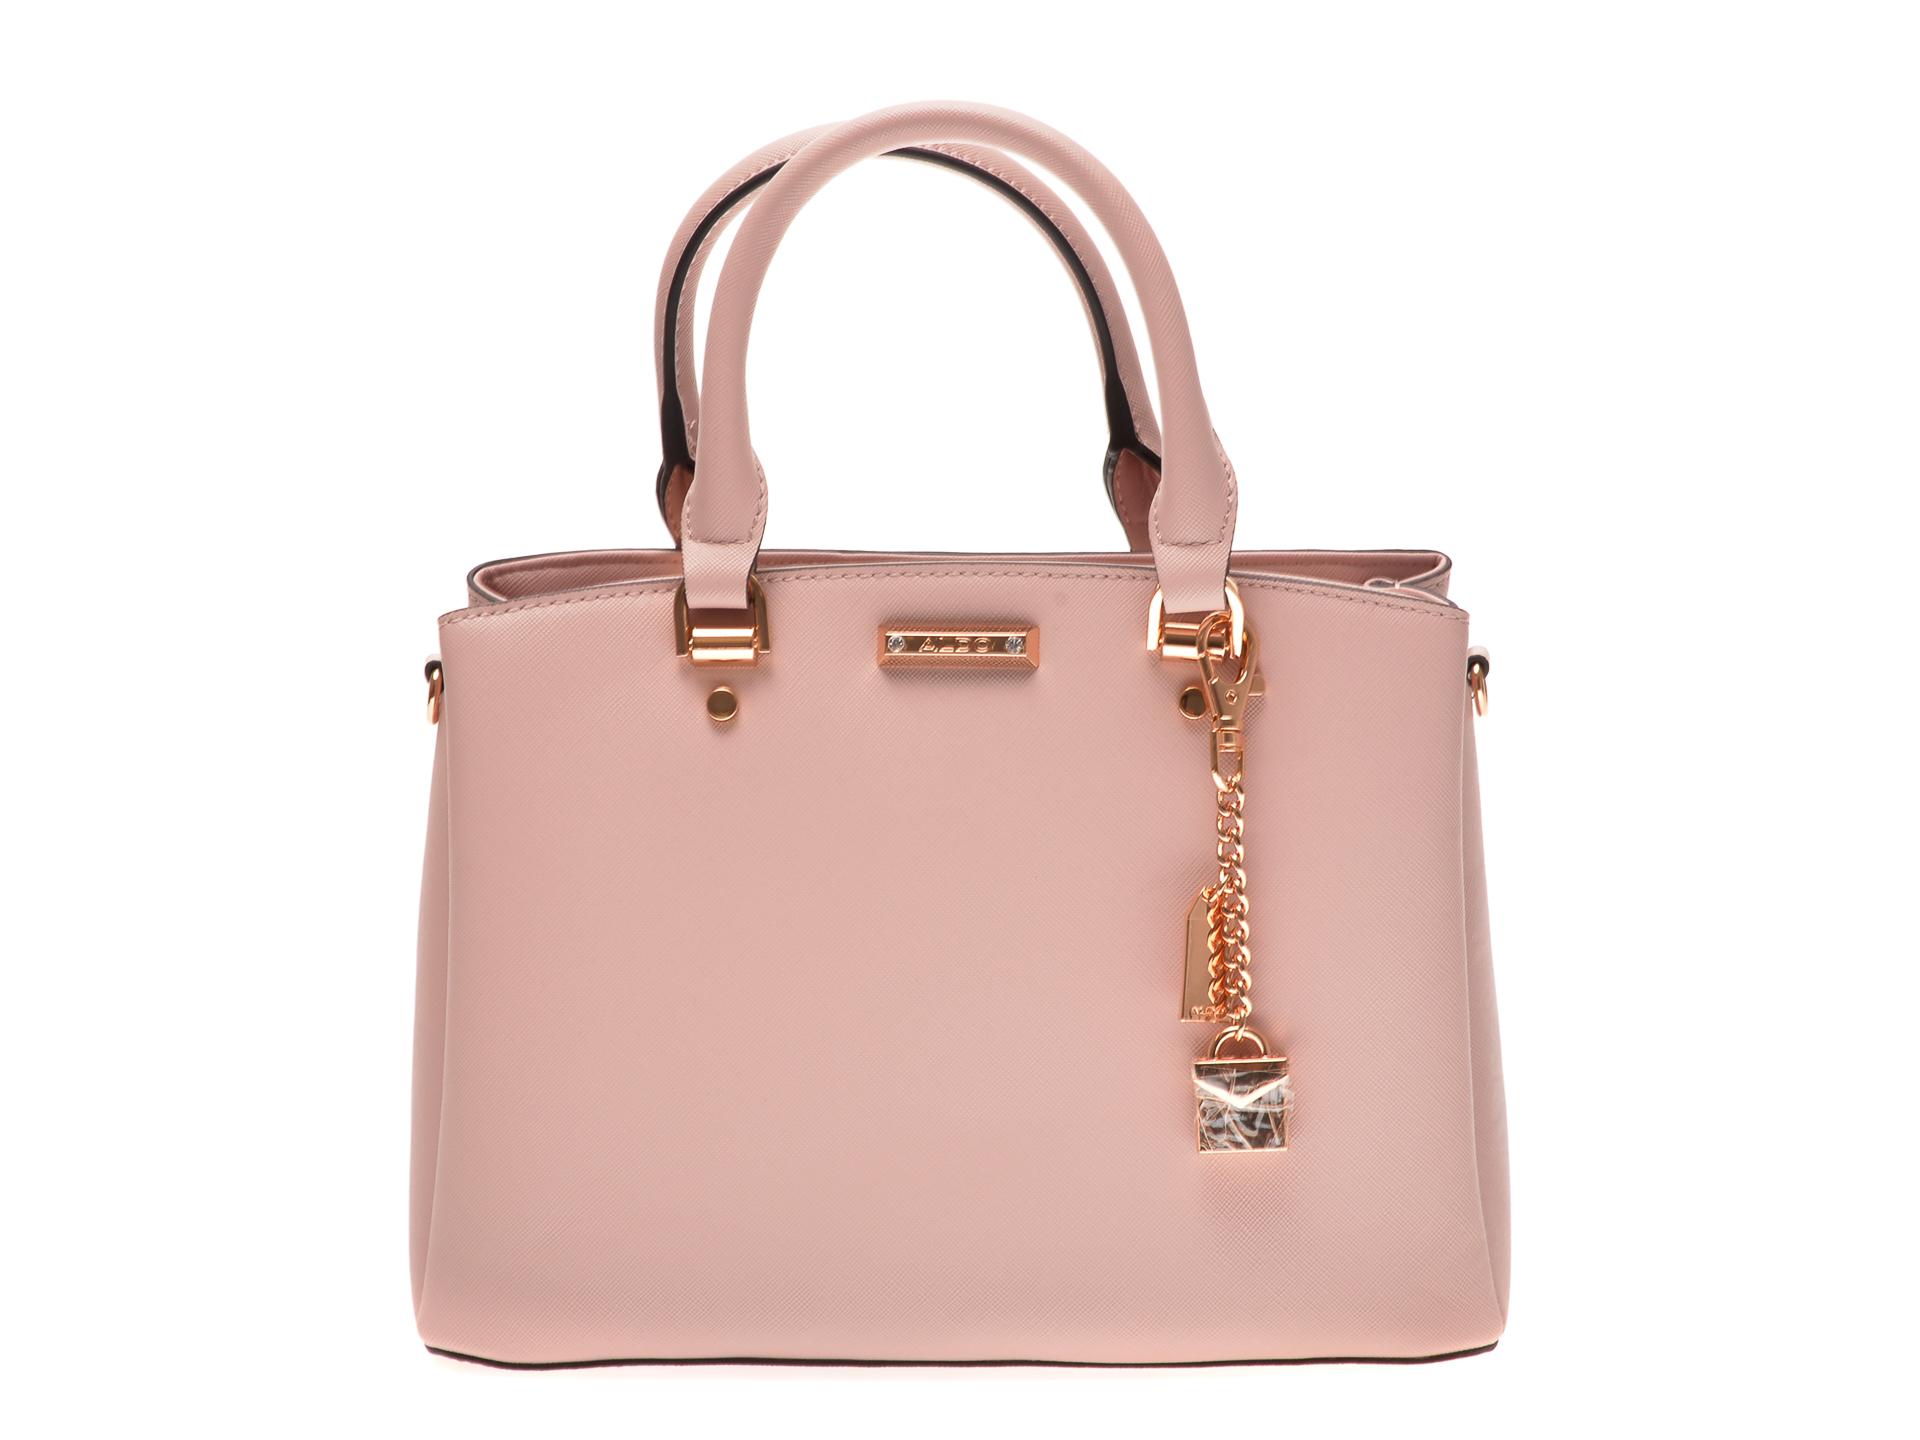 Poseta ALDO roz, Papasula680, din piele ecologica